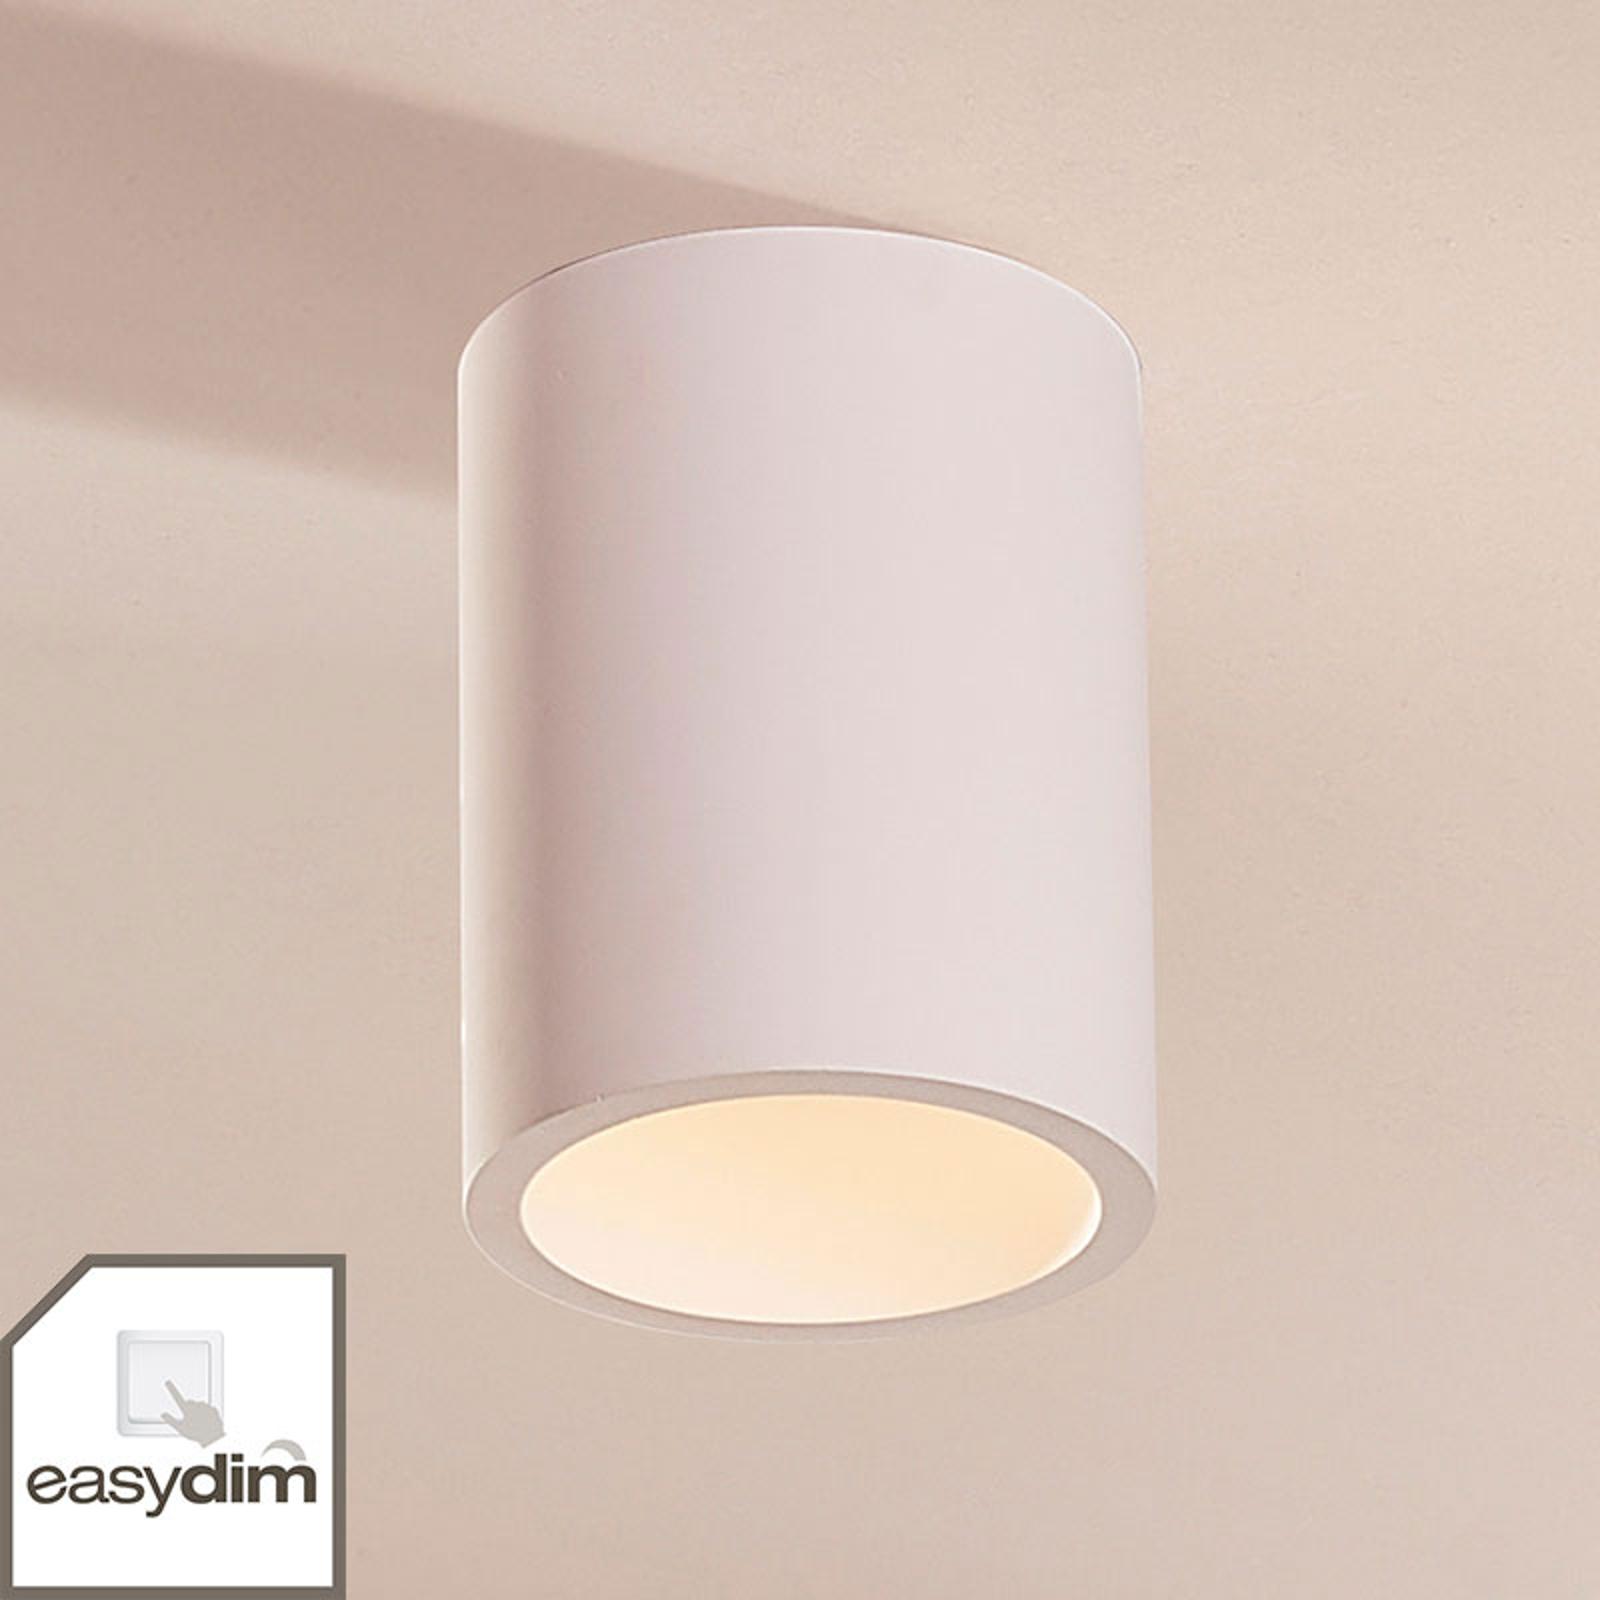 Okrągła lampa sufitowa LED easydim Natalia z gipsu